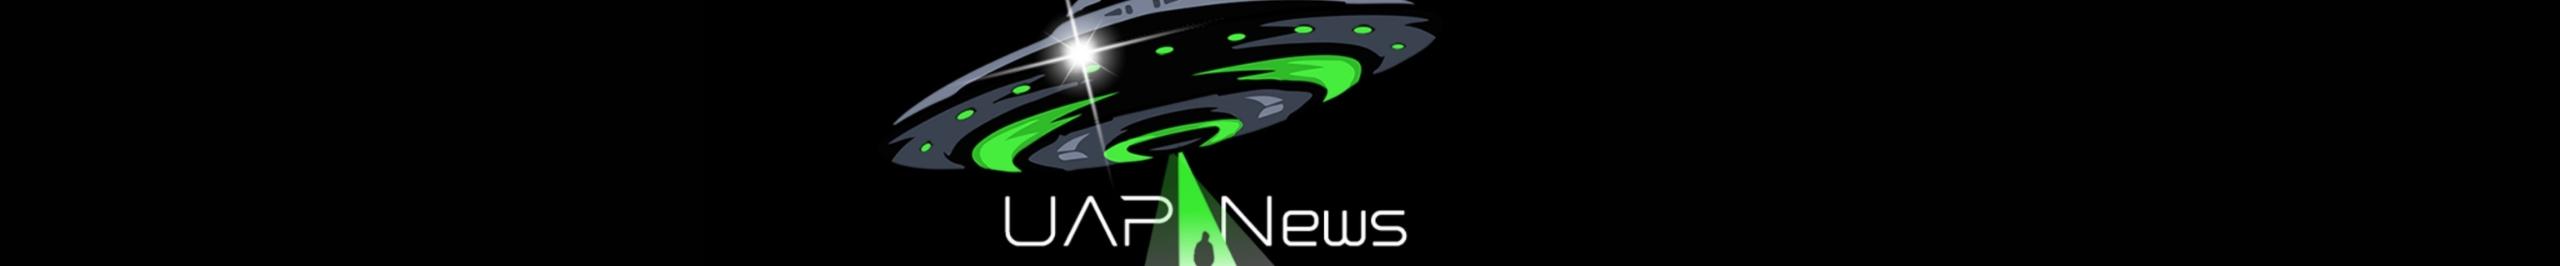 UAP News (@uapnews) Cover Image